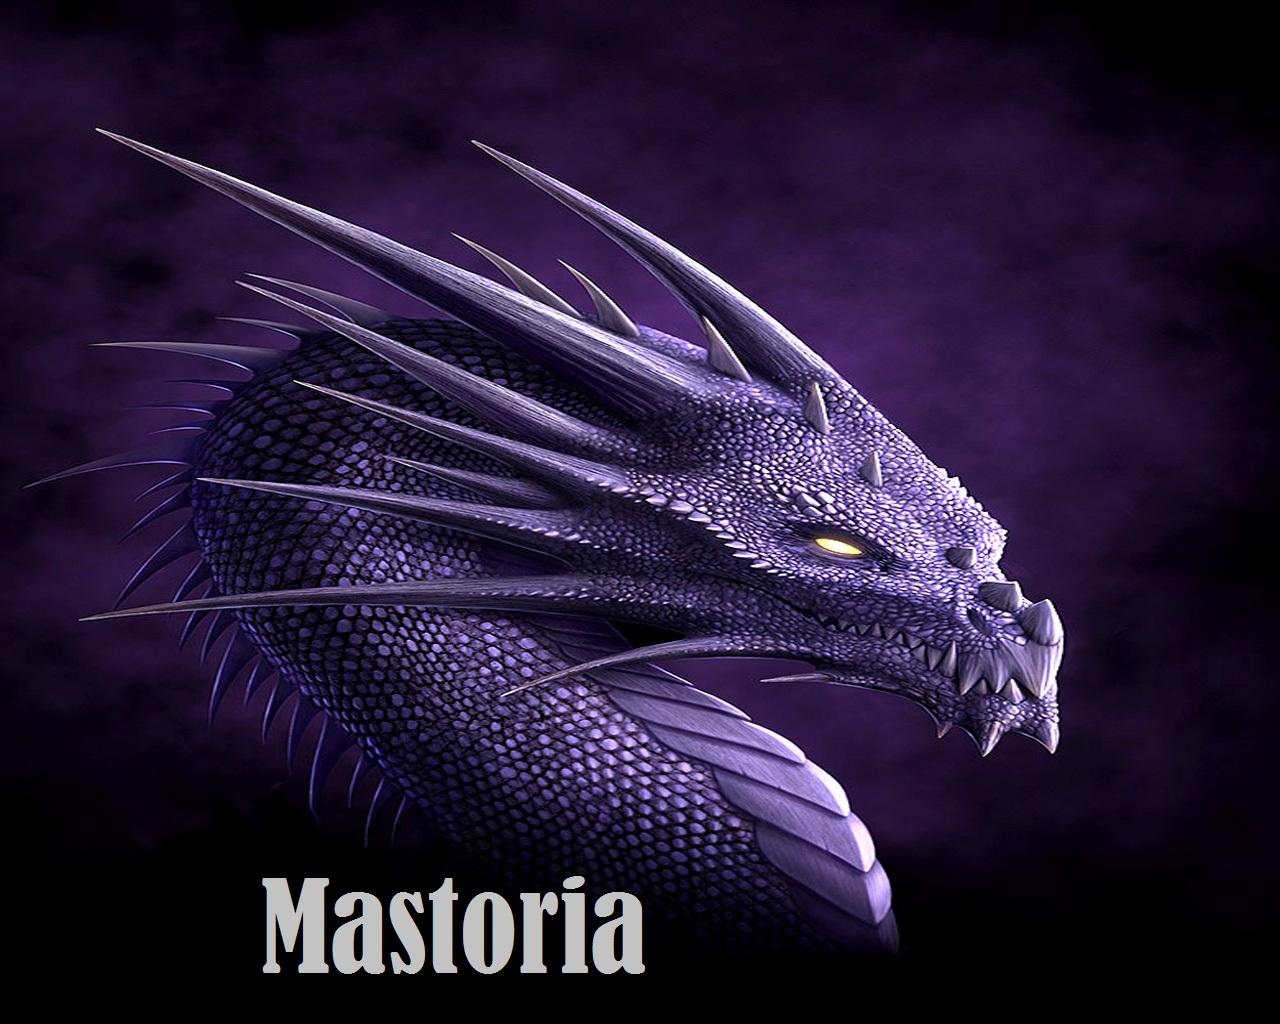 Mastoria